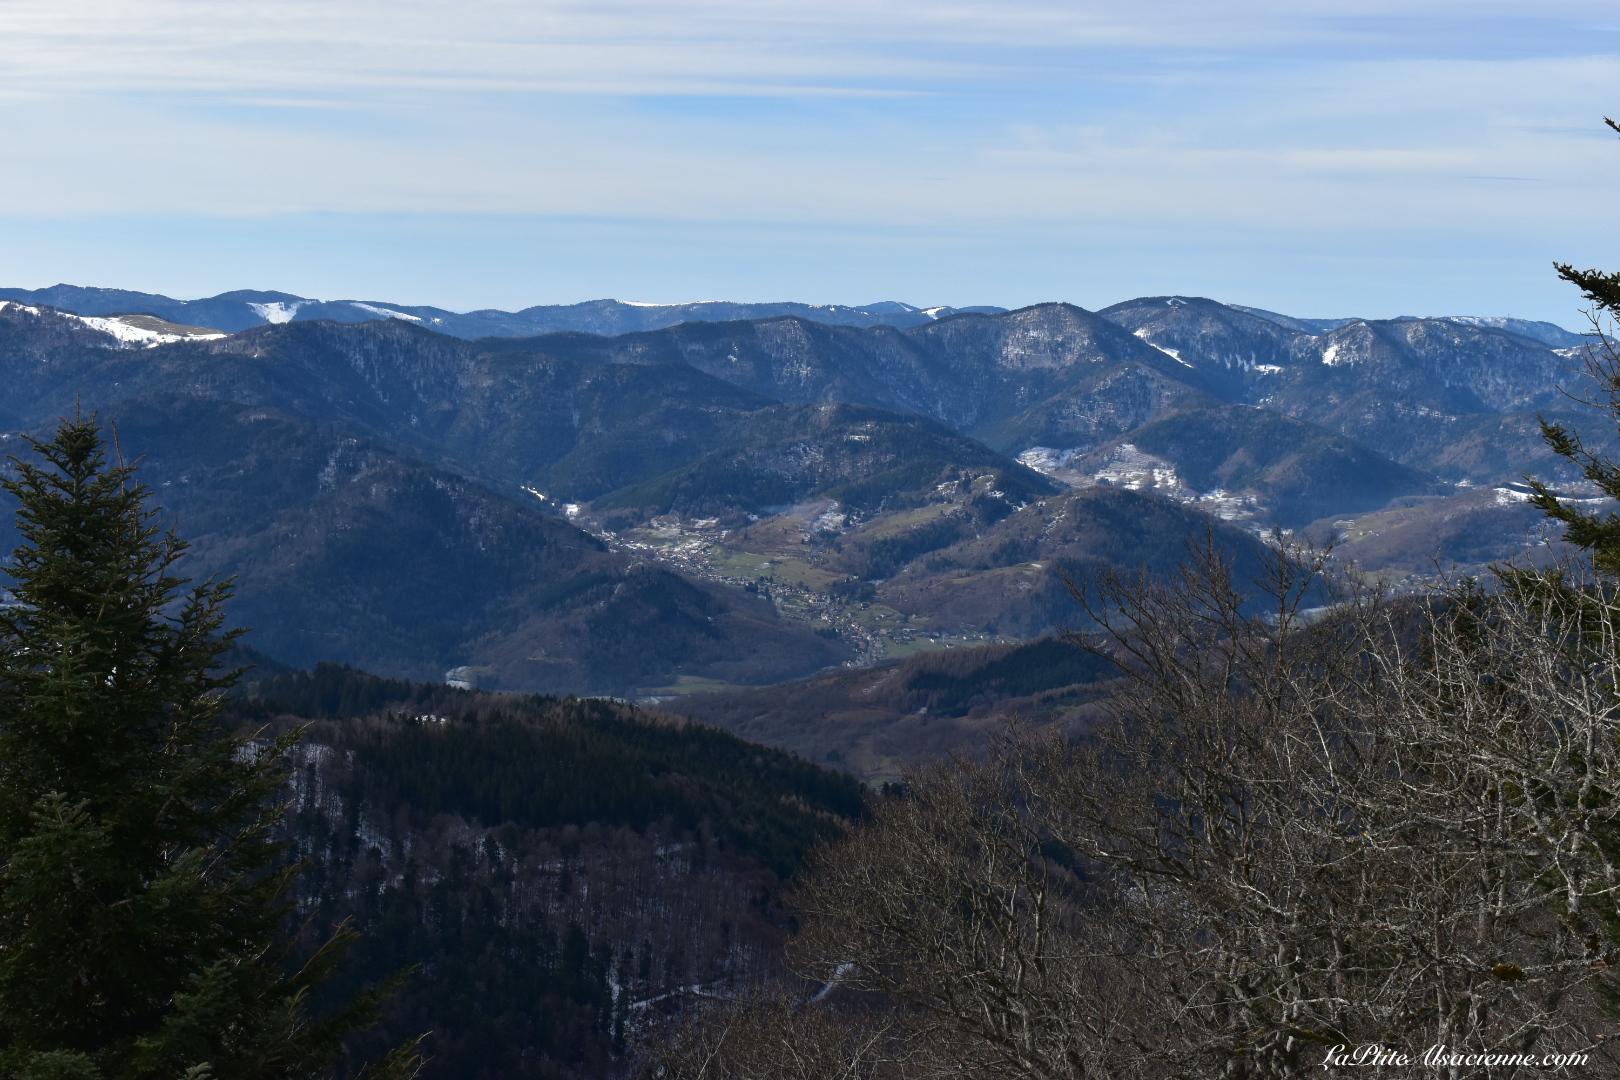 Vue sur les Vosges Alsaciennes, du côté de la vallée de Thann. Photo by Cendrine Miesch dite LaPtiteAlsacienne